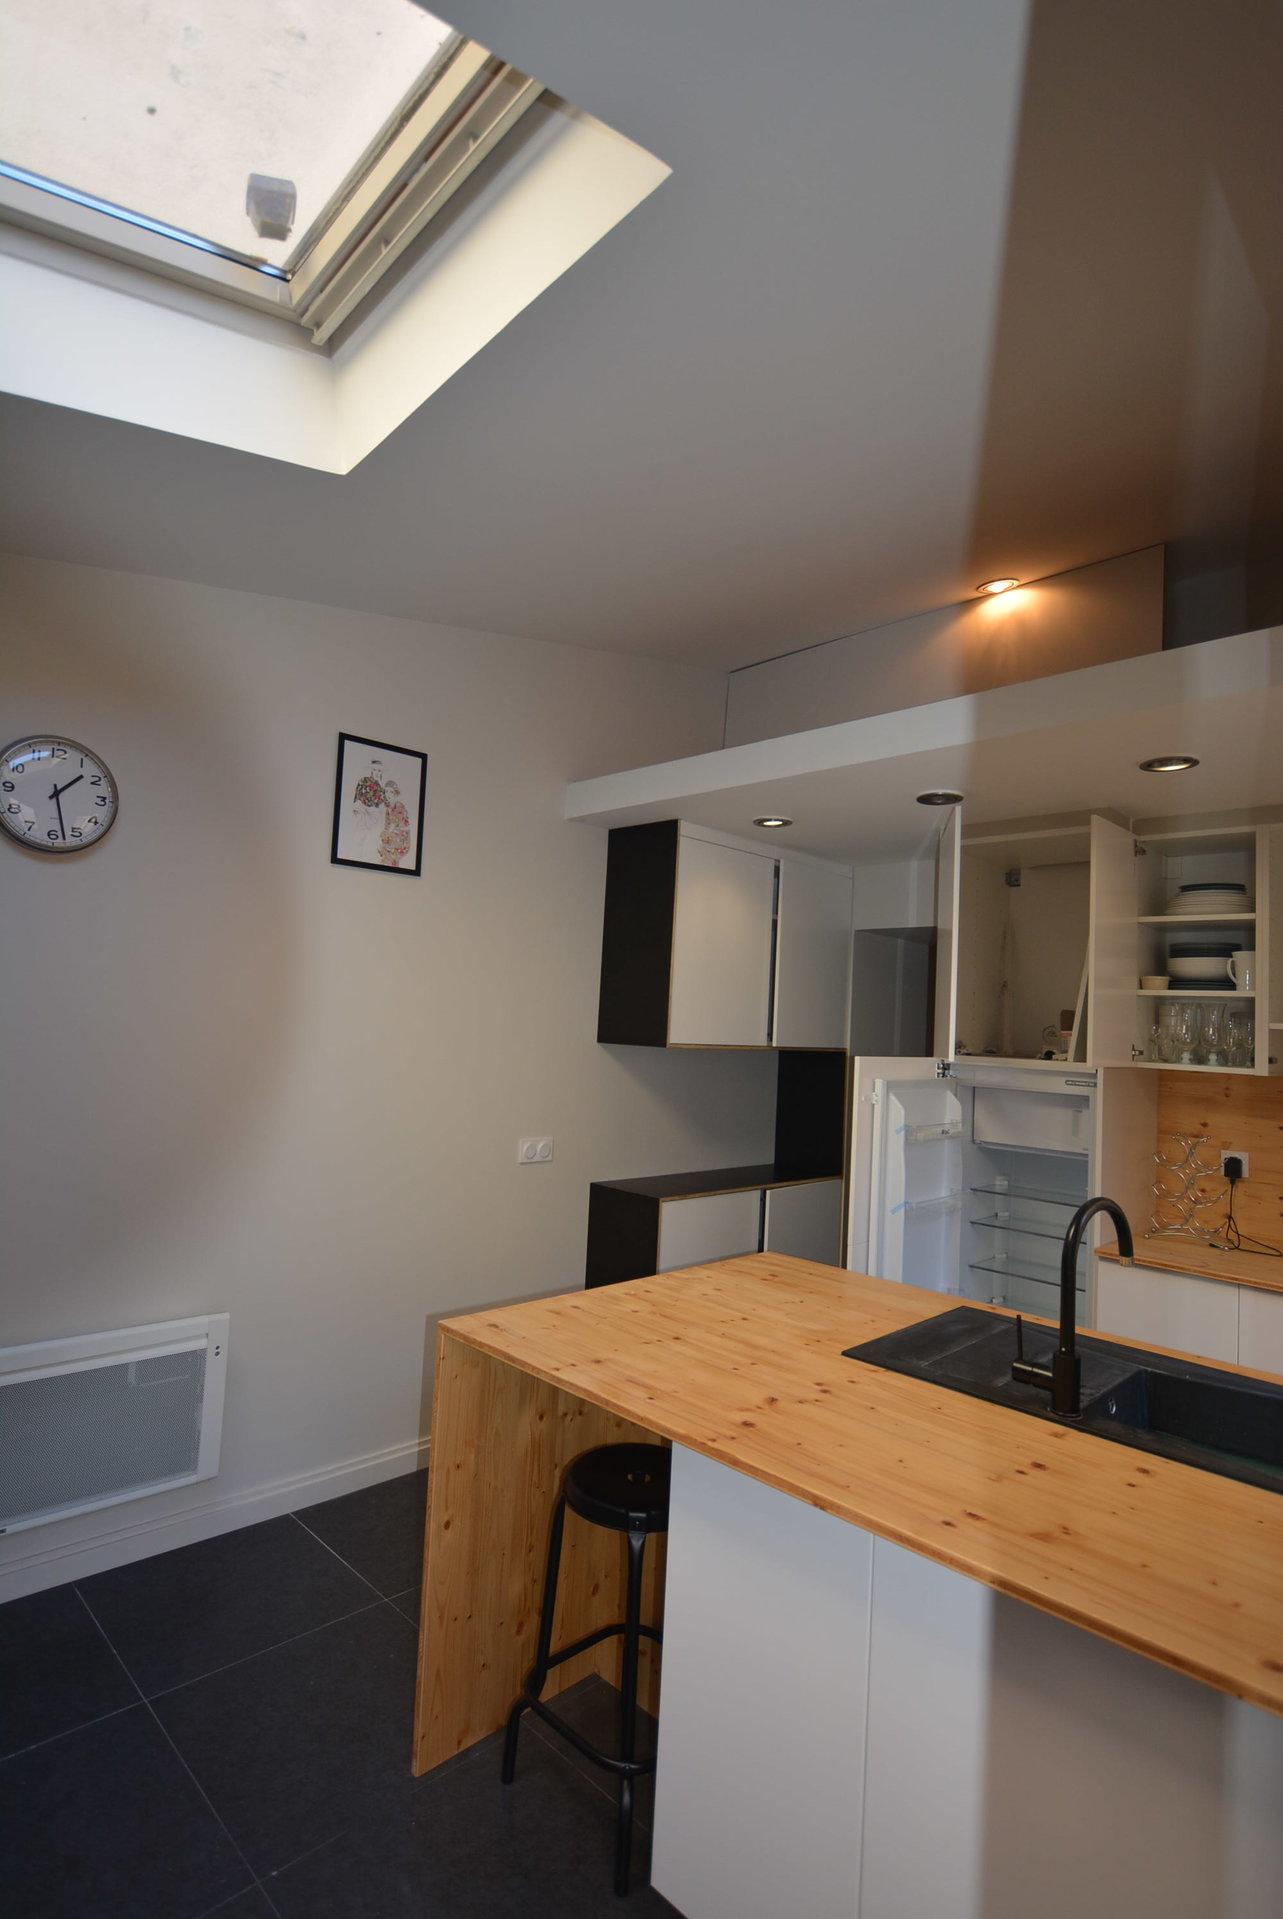 Skylight, kitchen bar